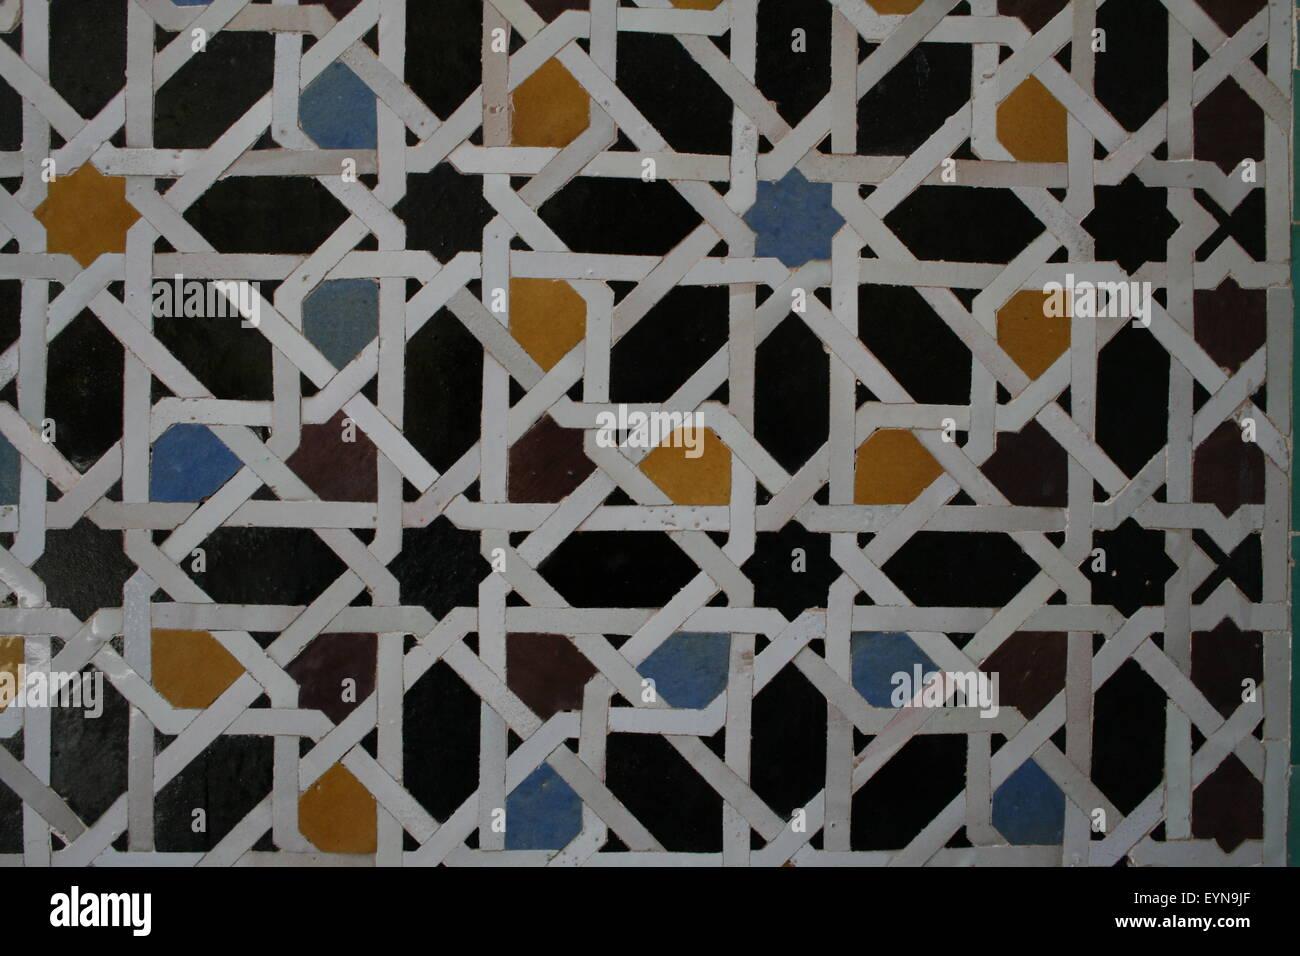 Islamic disegno geometrico in architettura del Marocco Immagini Stock